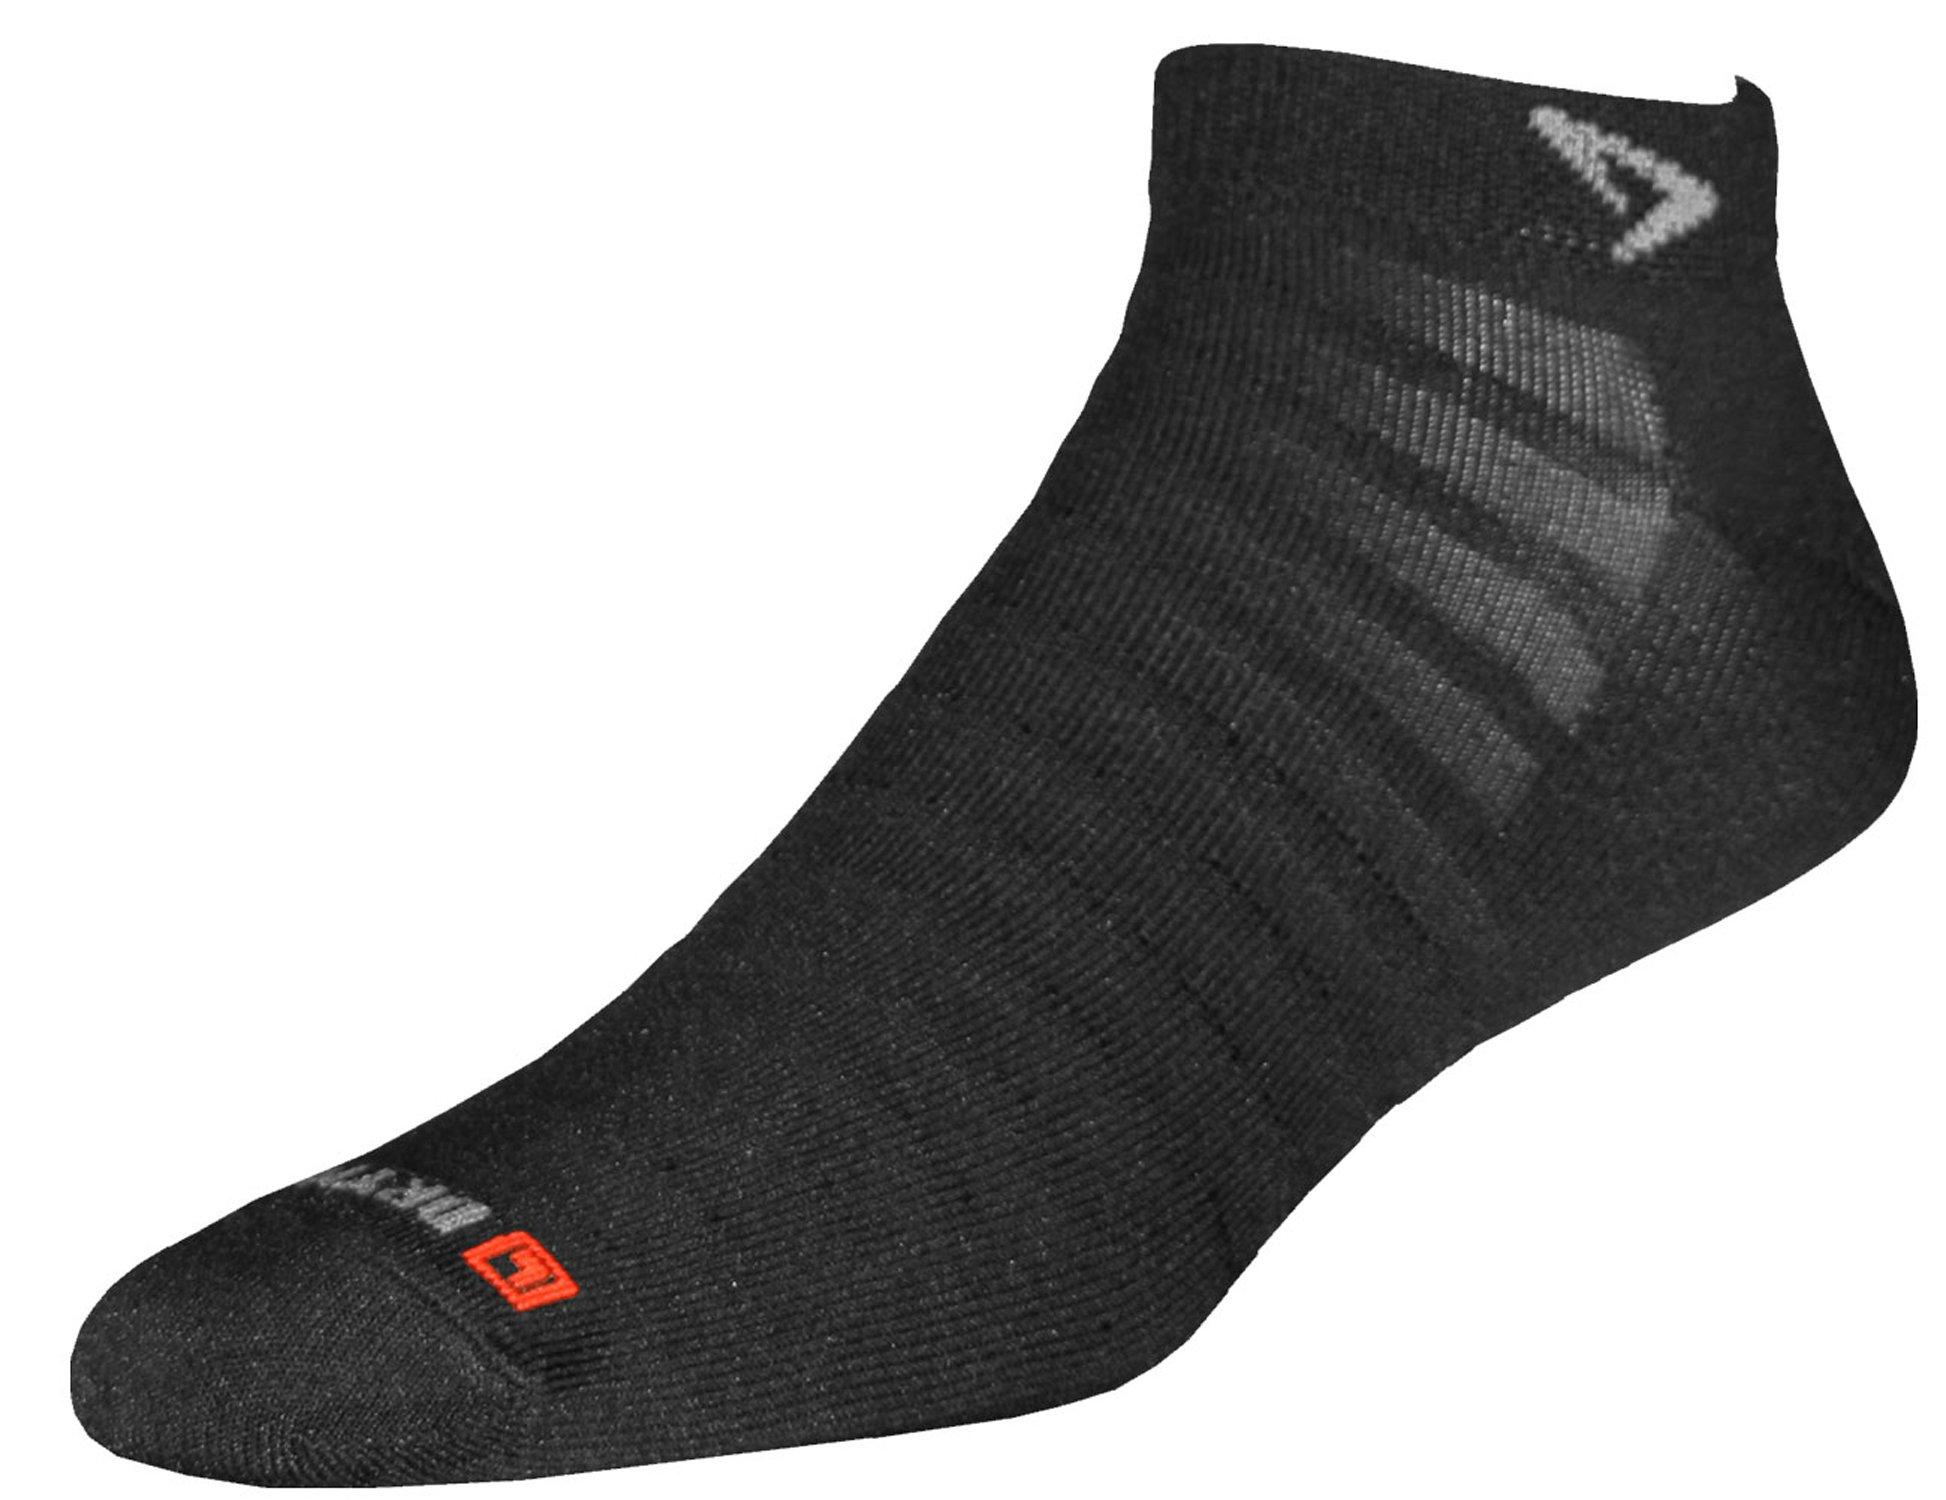 Drymax Run Hyper Thin Mini Crew Socks, Black, Small (W5-7 / M3.5-5.5)